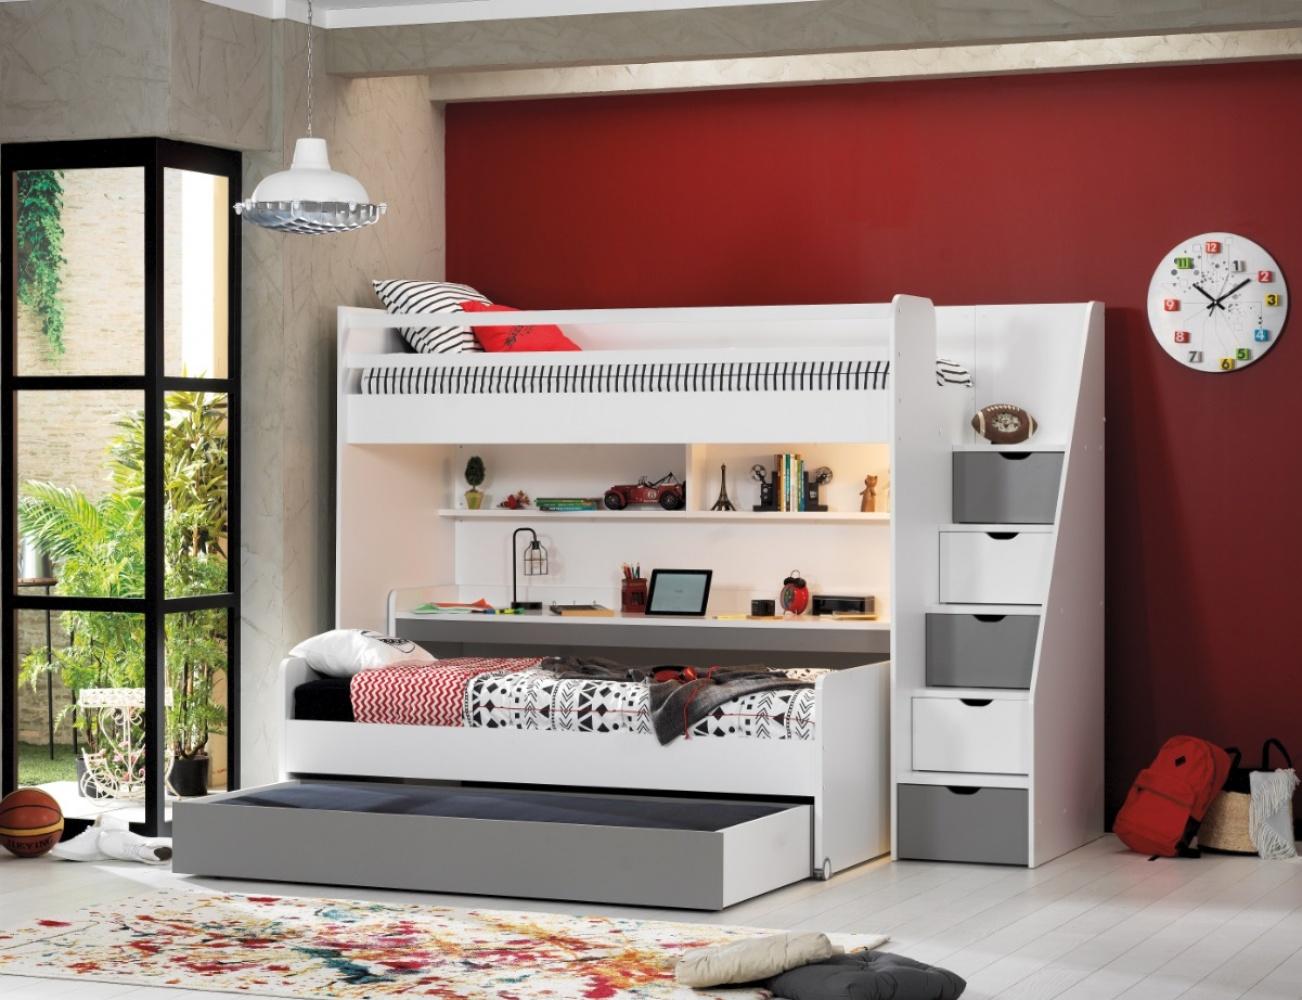 Almilas Kinderzimmer Set Neos mit drei Schlafplätzen Weiß/Grau